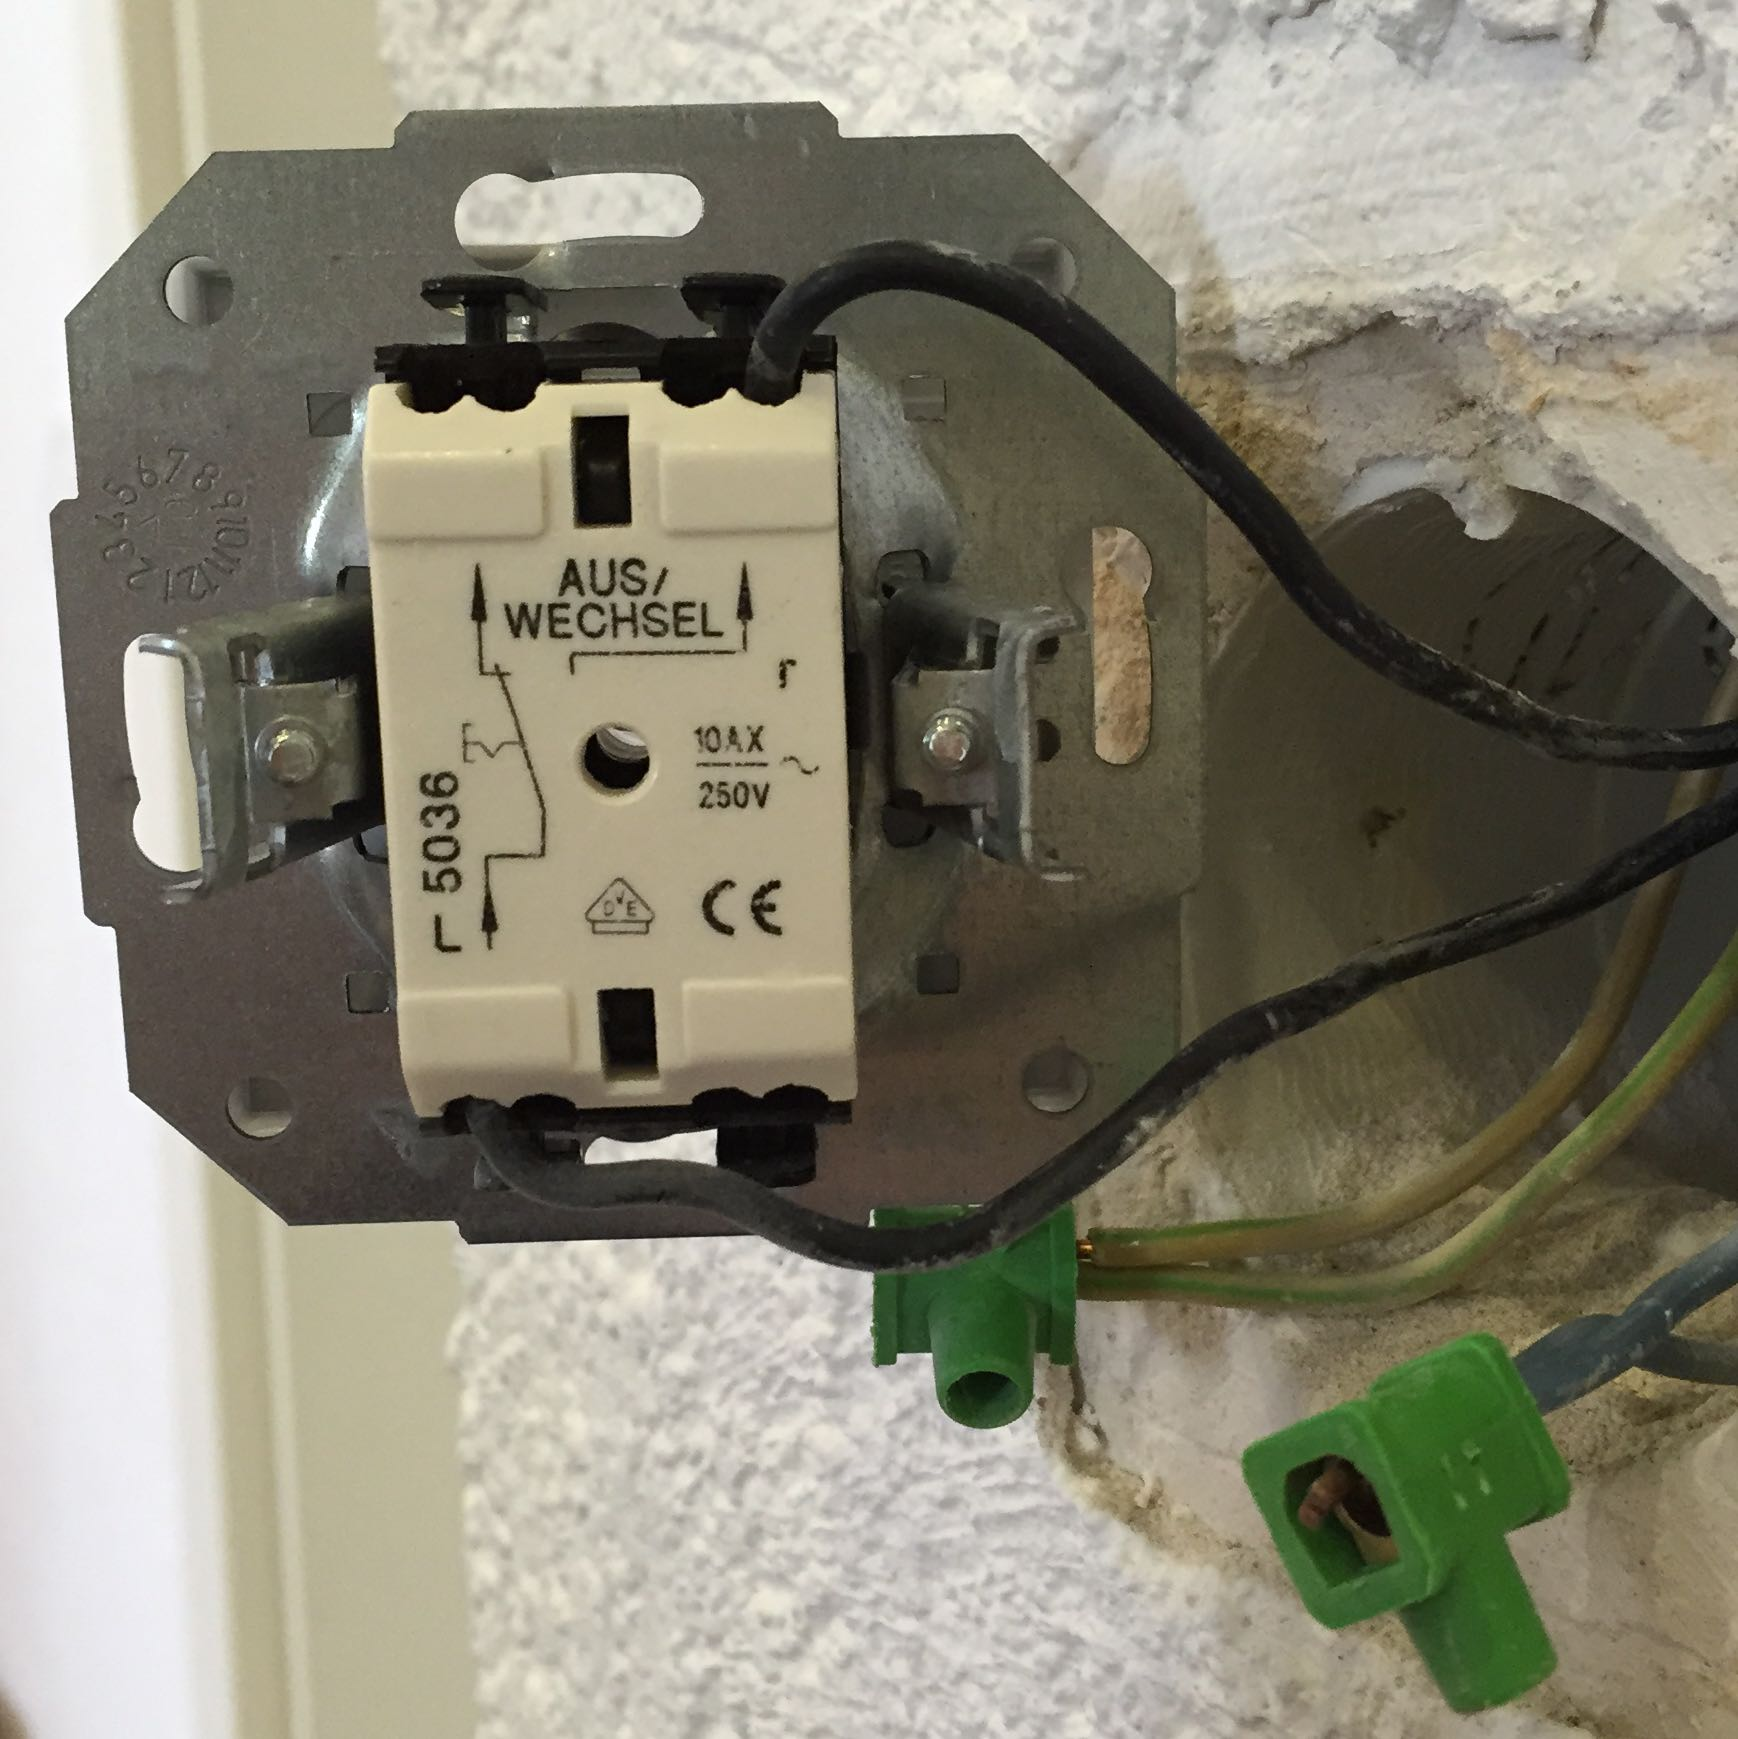 Berühmt Zweifach Lichtschalter Verkabelung Bilder - Elektrische ...